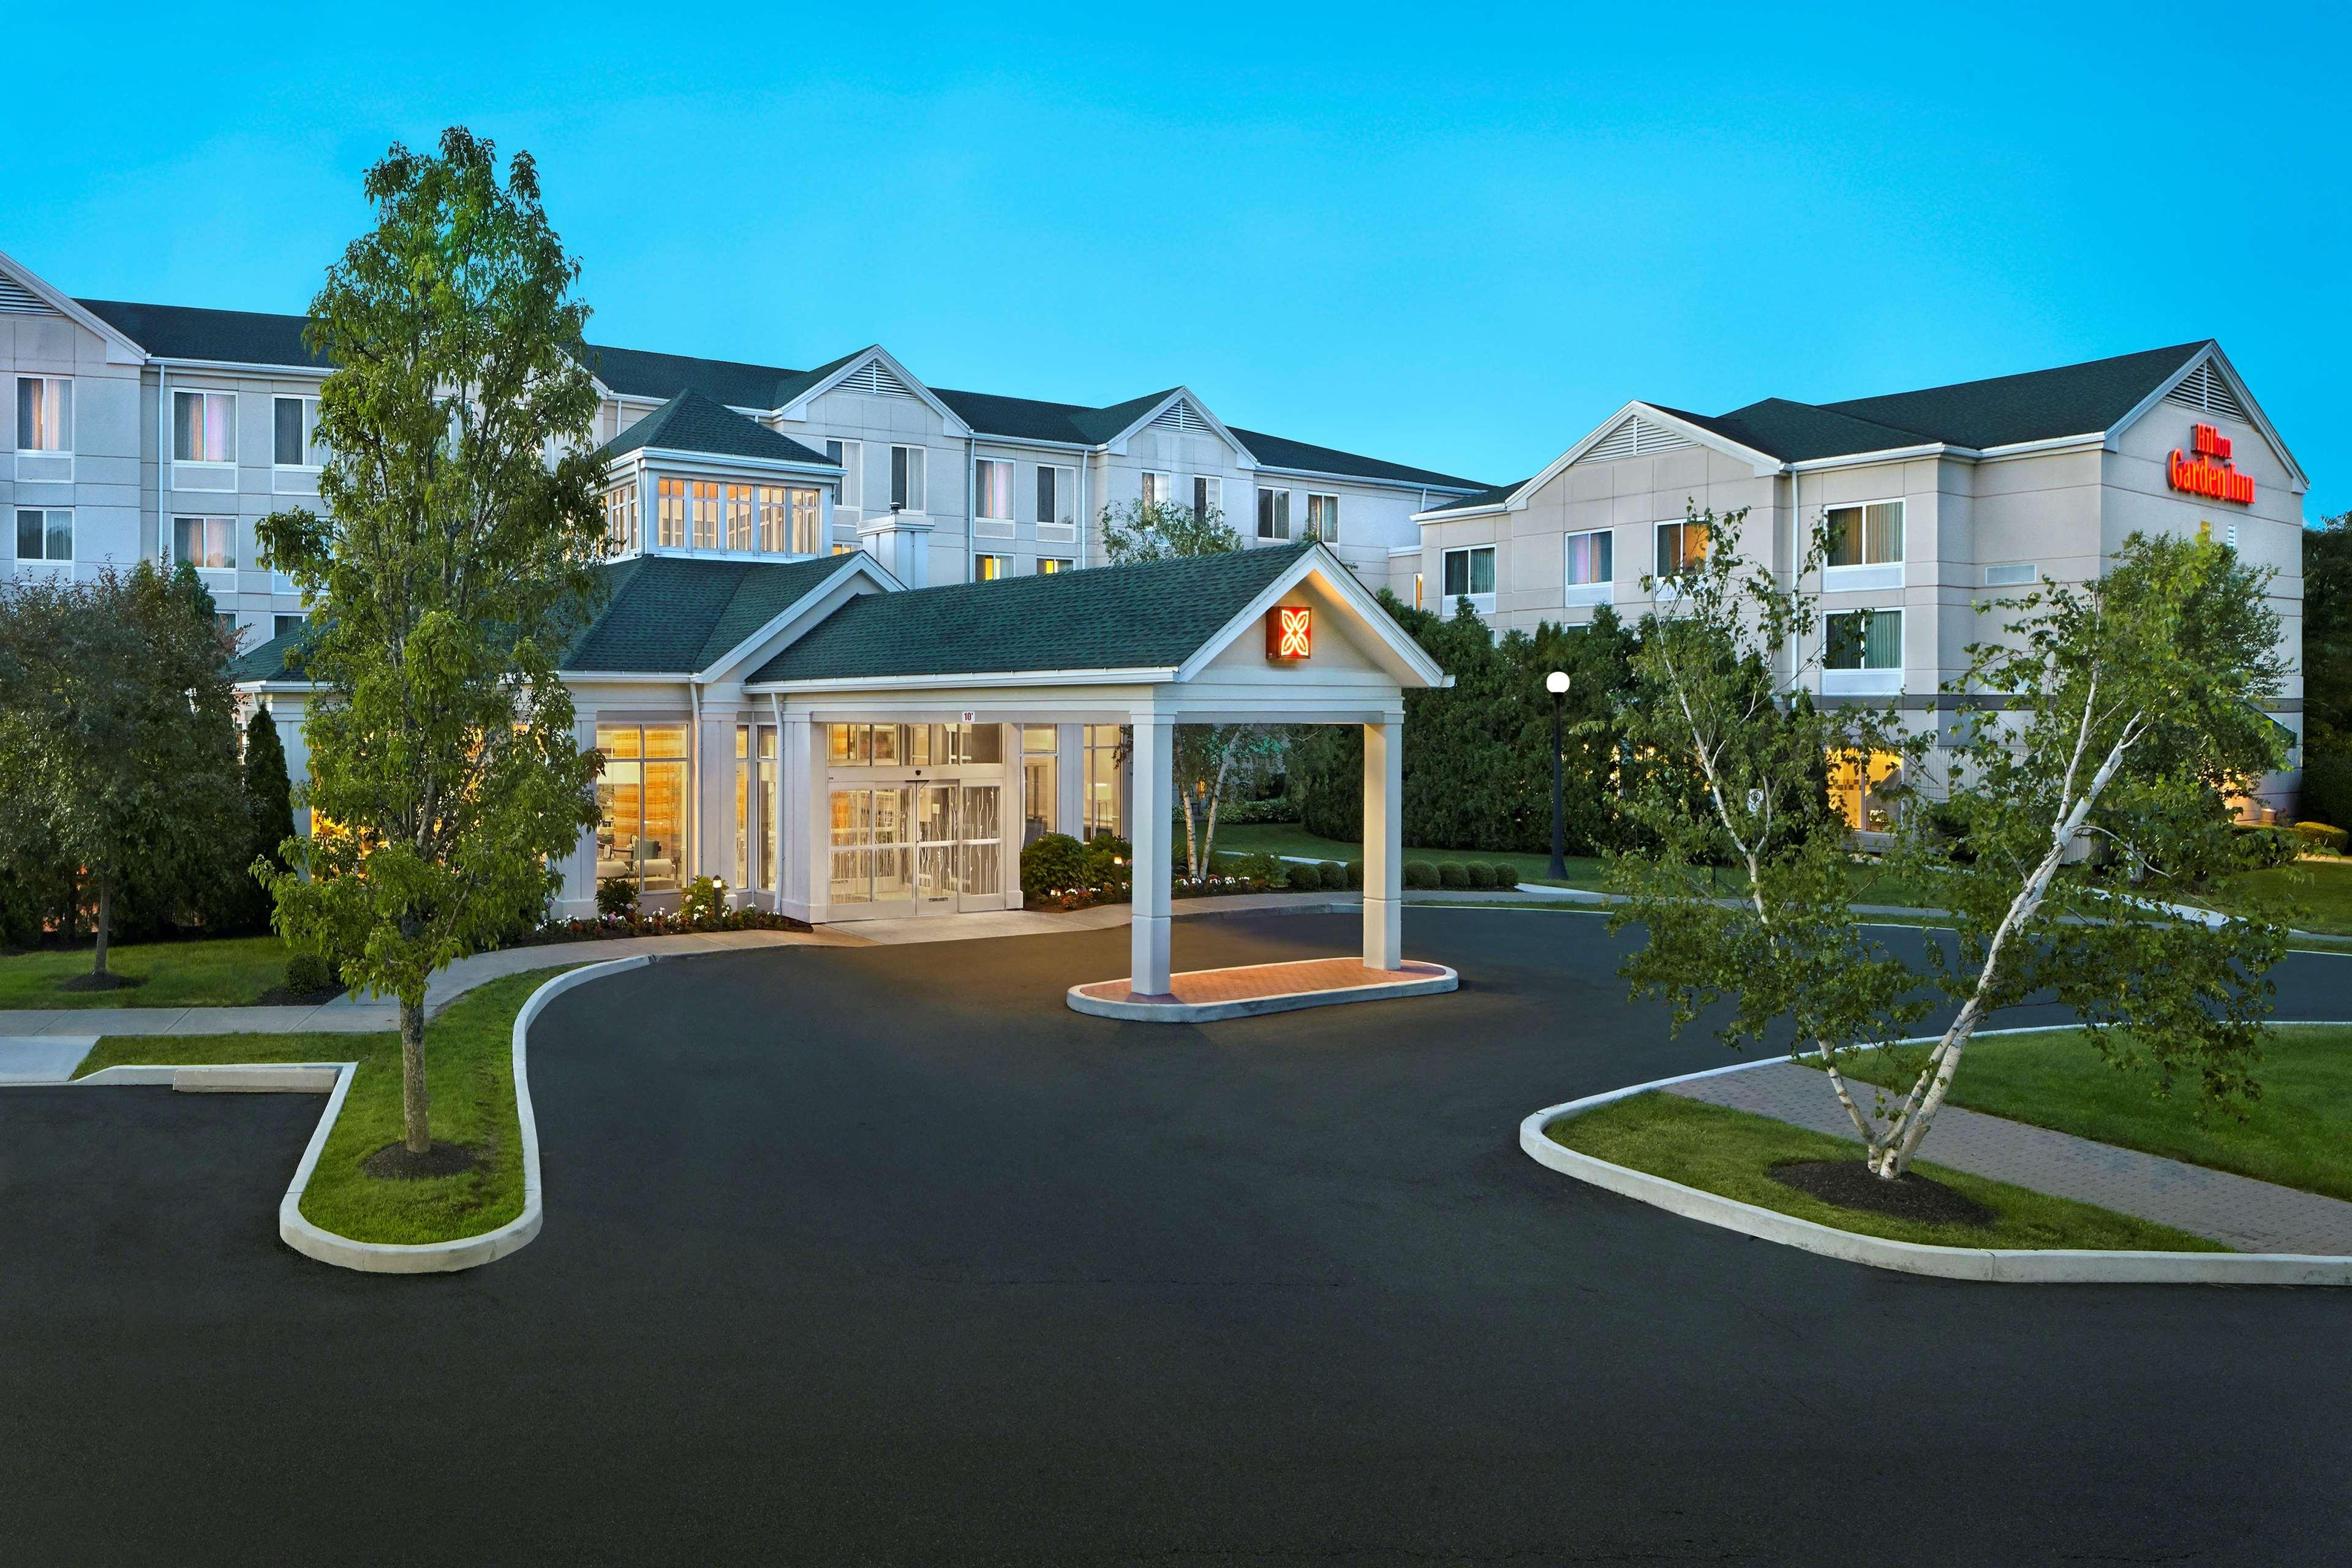 Hilton Garden Inn Danbury image 0